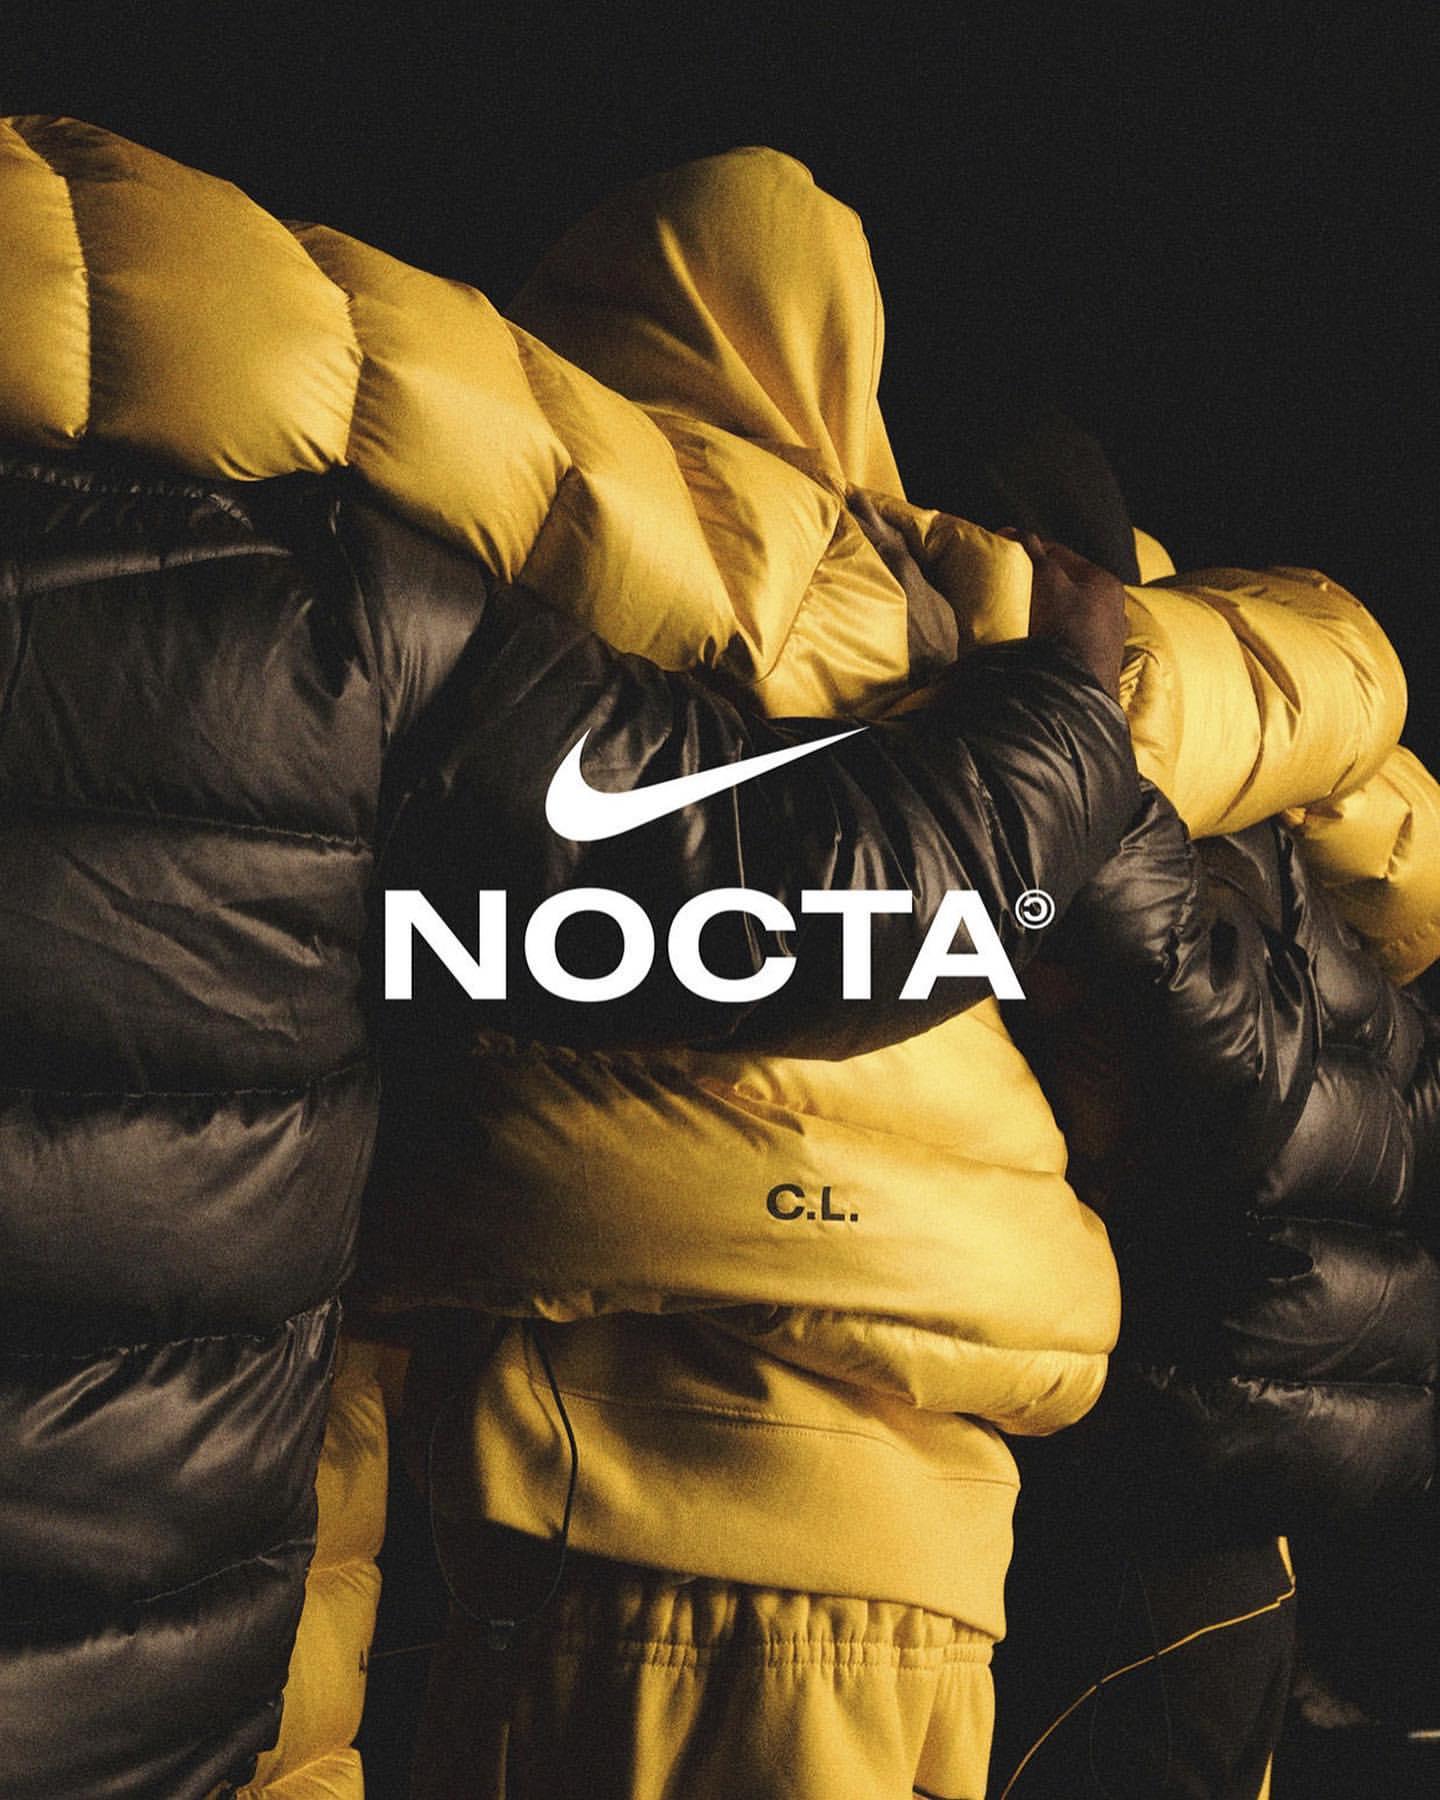 ドレイクとナイキのコラボコレクション「ノクタ」が12月19日にリリース!